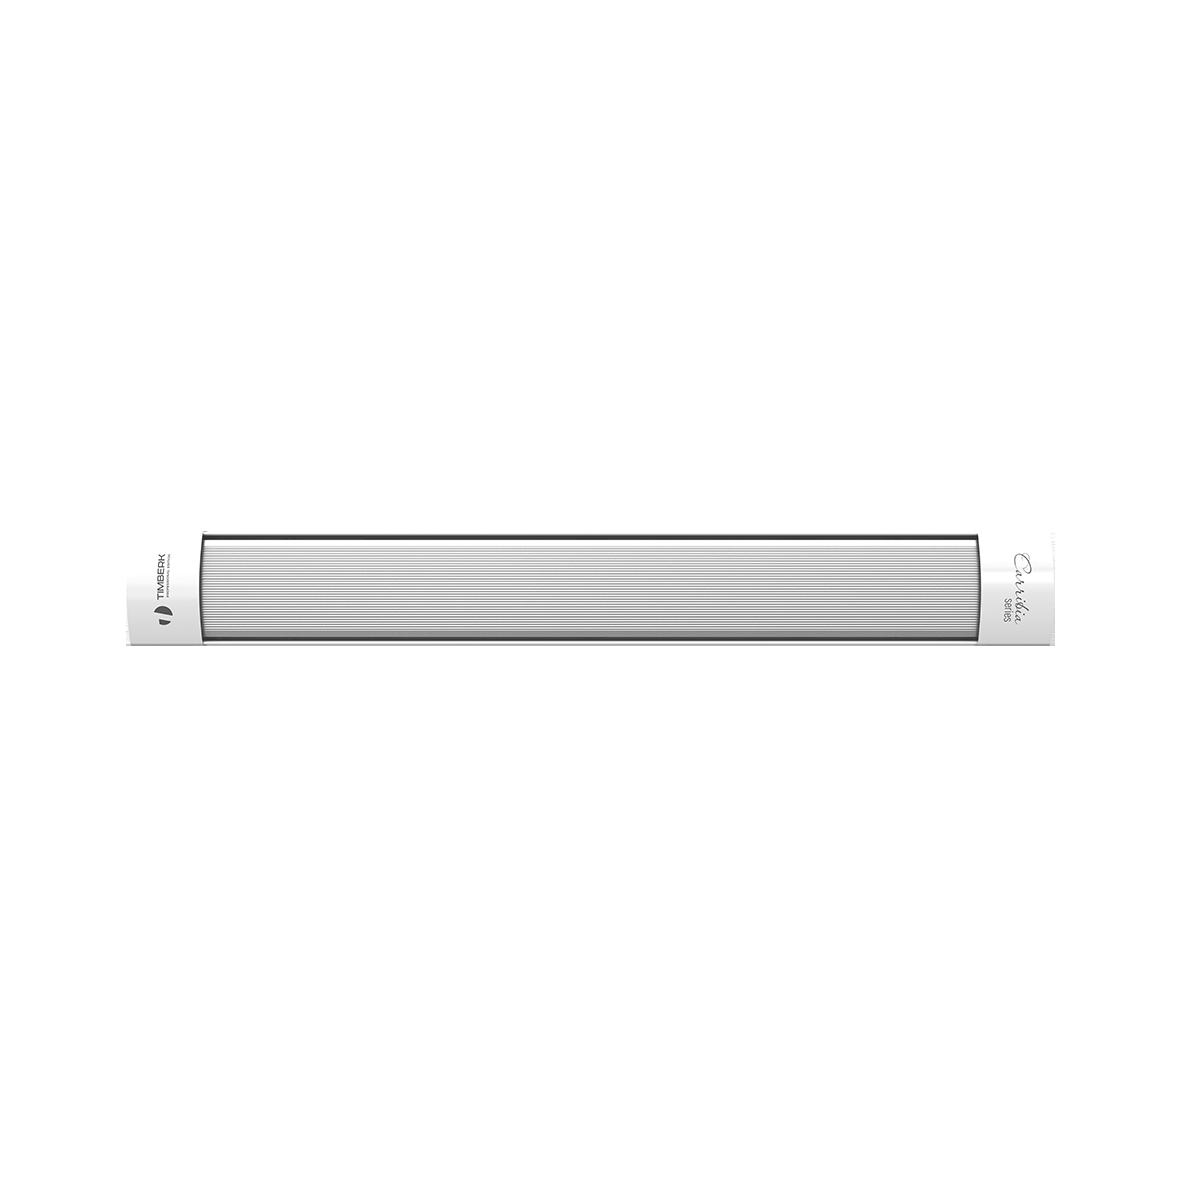 Обогреватель Timberk TCH A5 1500Обогреватели<br>- Возможность объединения приборов в группу - до 3000 Вт суммарной мощности<br>- Компактный размер<br>- Отражательный экран с высочайшим коэффициентом отражения<br>- Повышенная экономия расхода электроэнергии<br>- Потолочный монтаж - экономия пространства помещения<br>- Безопасное потолочное крепление: горячая рабочая поверхность недоступна для случайных контактов.<br>- Возможность подключения блока дистанционного управления TMS 08.CH*<br>- Возможность подключения комнатного термостата TMS.09CH или TMS 10.CH**<br>* Блок управления не входит в комплект поставки, приобретается ...<br><br>Тип: инфракрасный<br>Серия: A5: Carribia<br>Площадь обогрева, кв.м: 16<br>Термостат: есть<br>Напряжение: 220/230 В<br>Габариты: 165.2x14x5 см